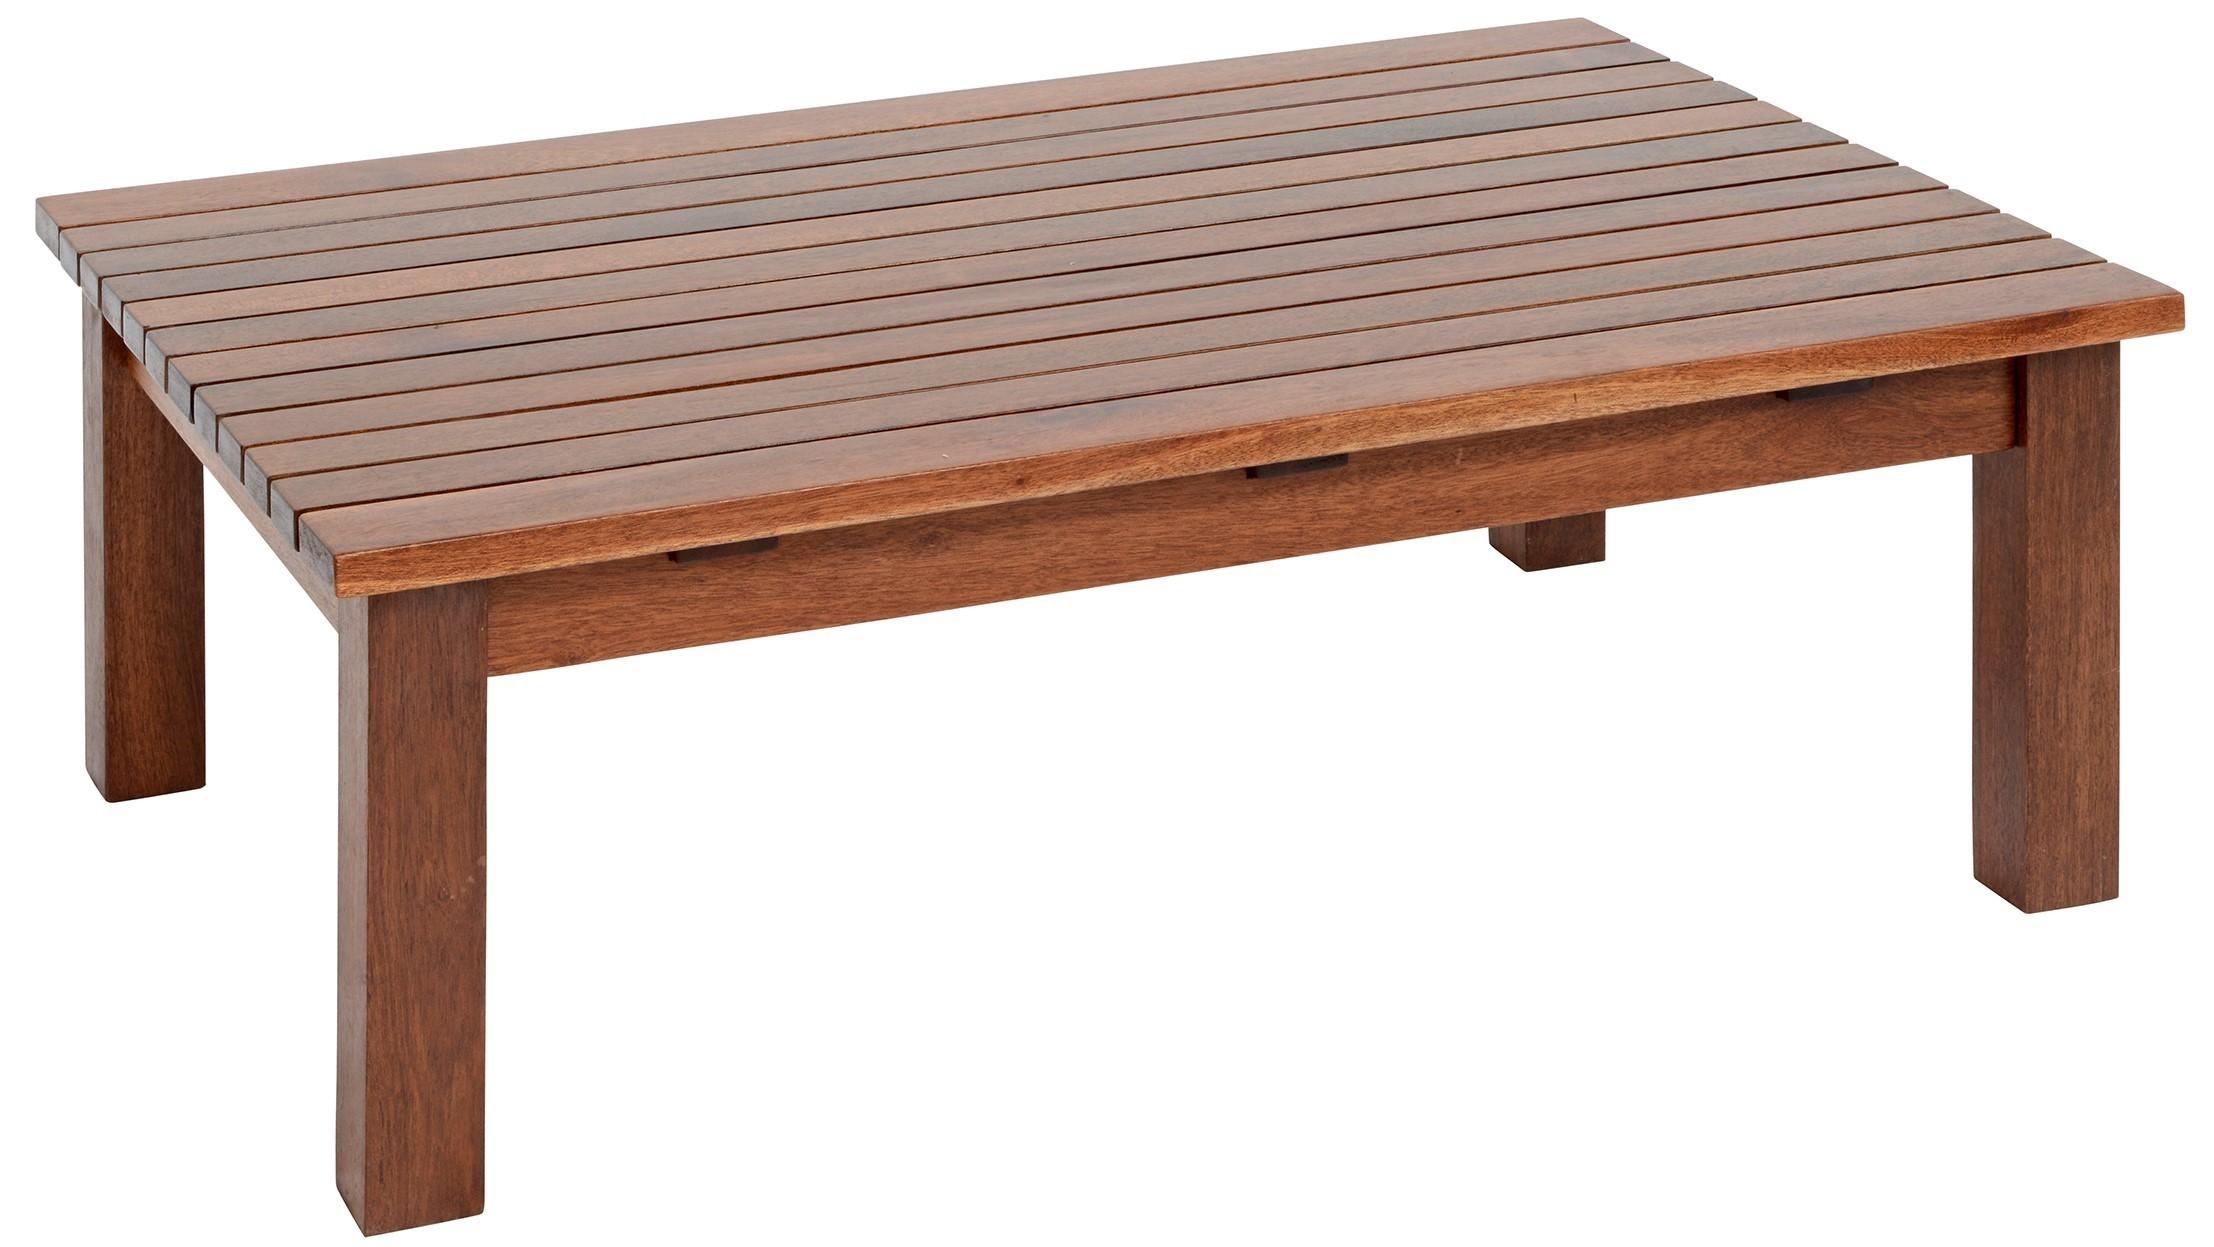 Tavolini da giardino tavolini per giardino esterni e terrazzi